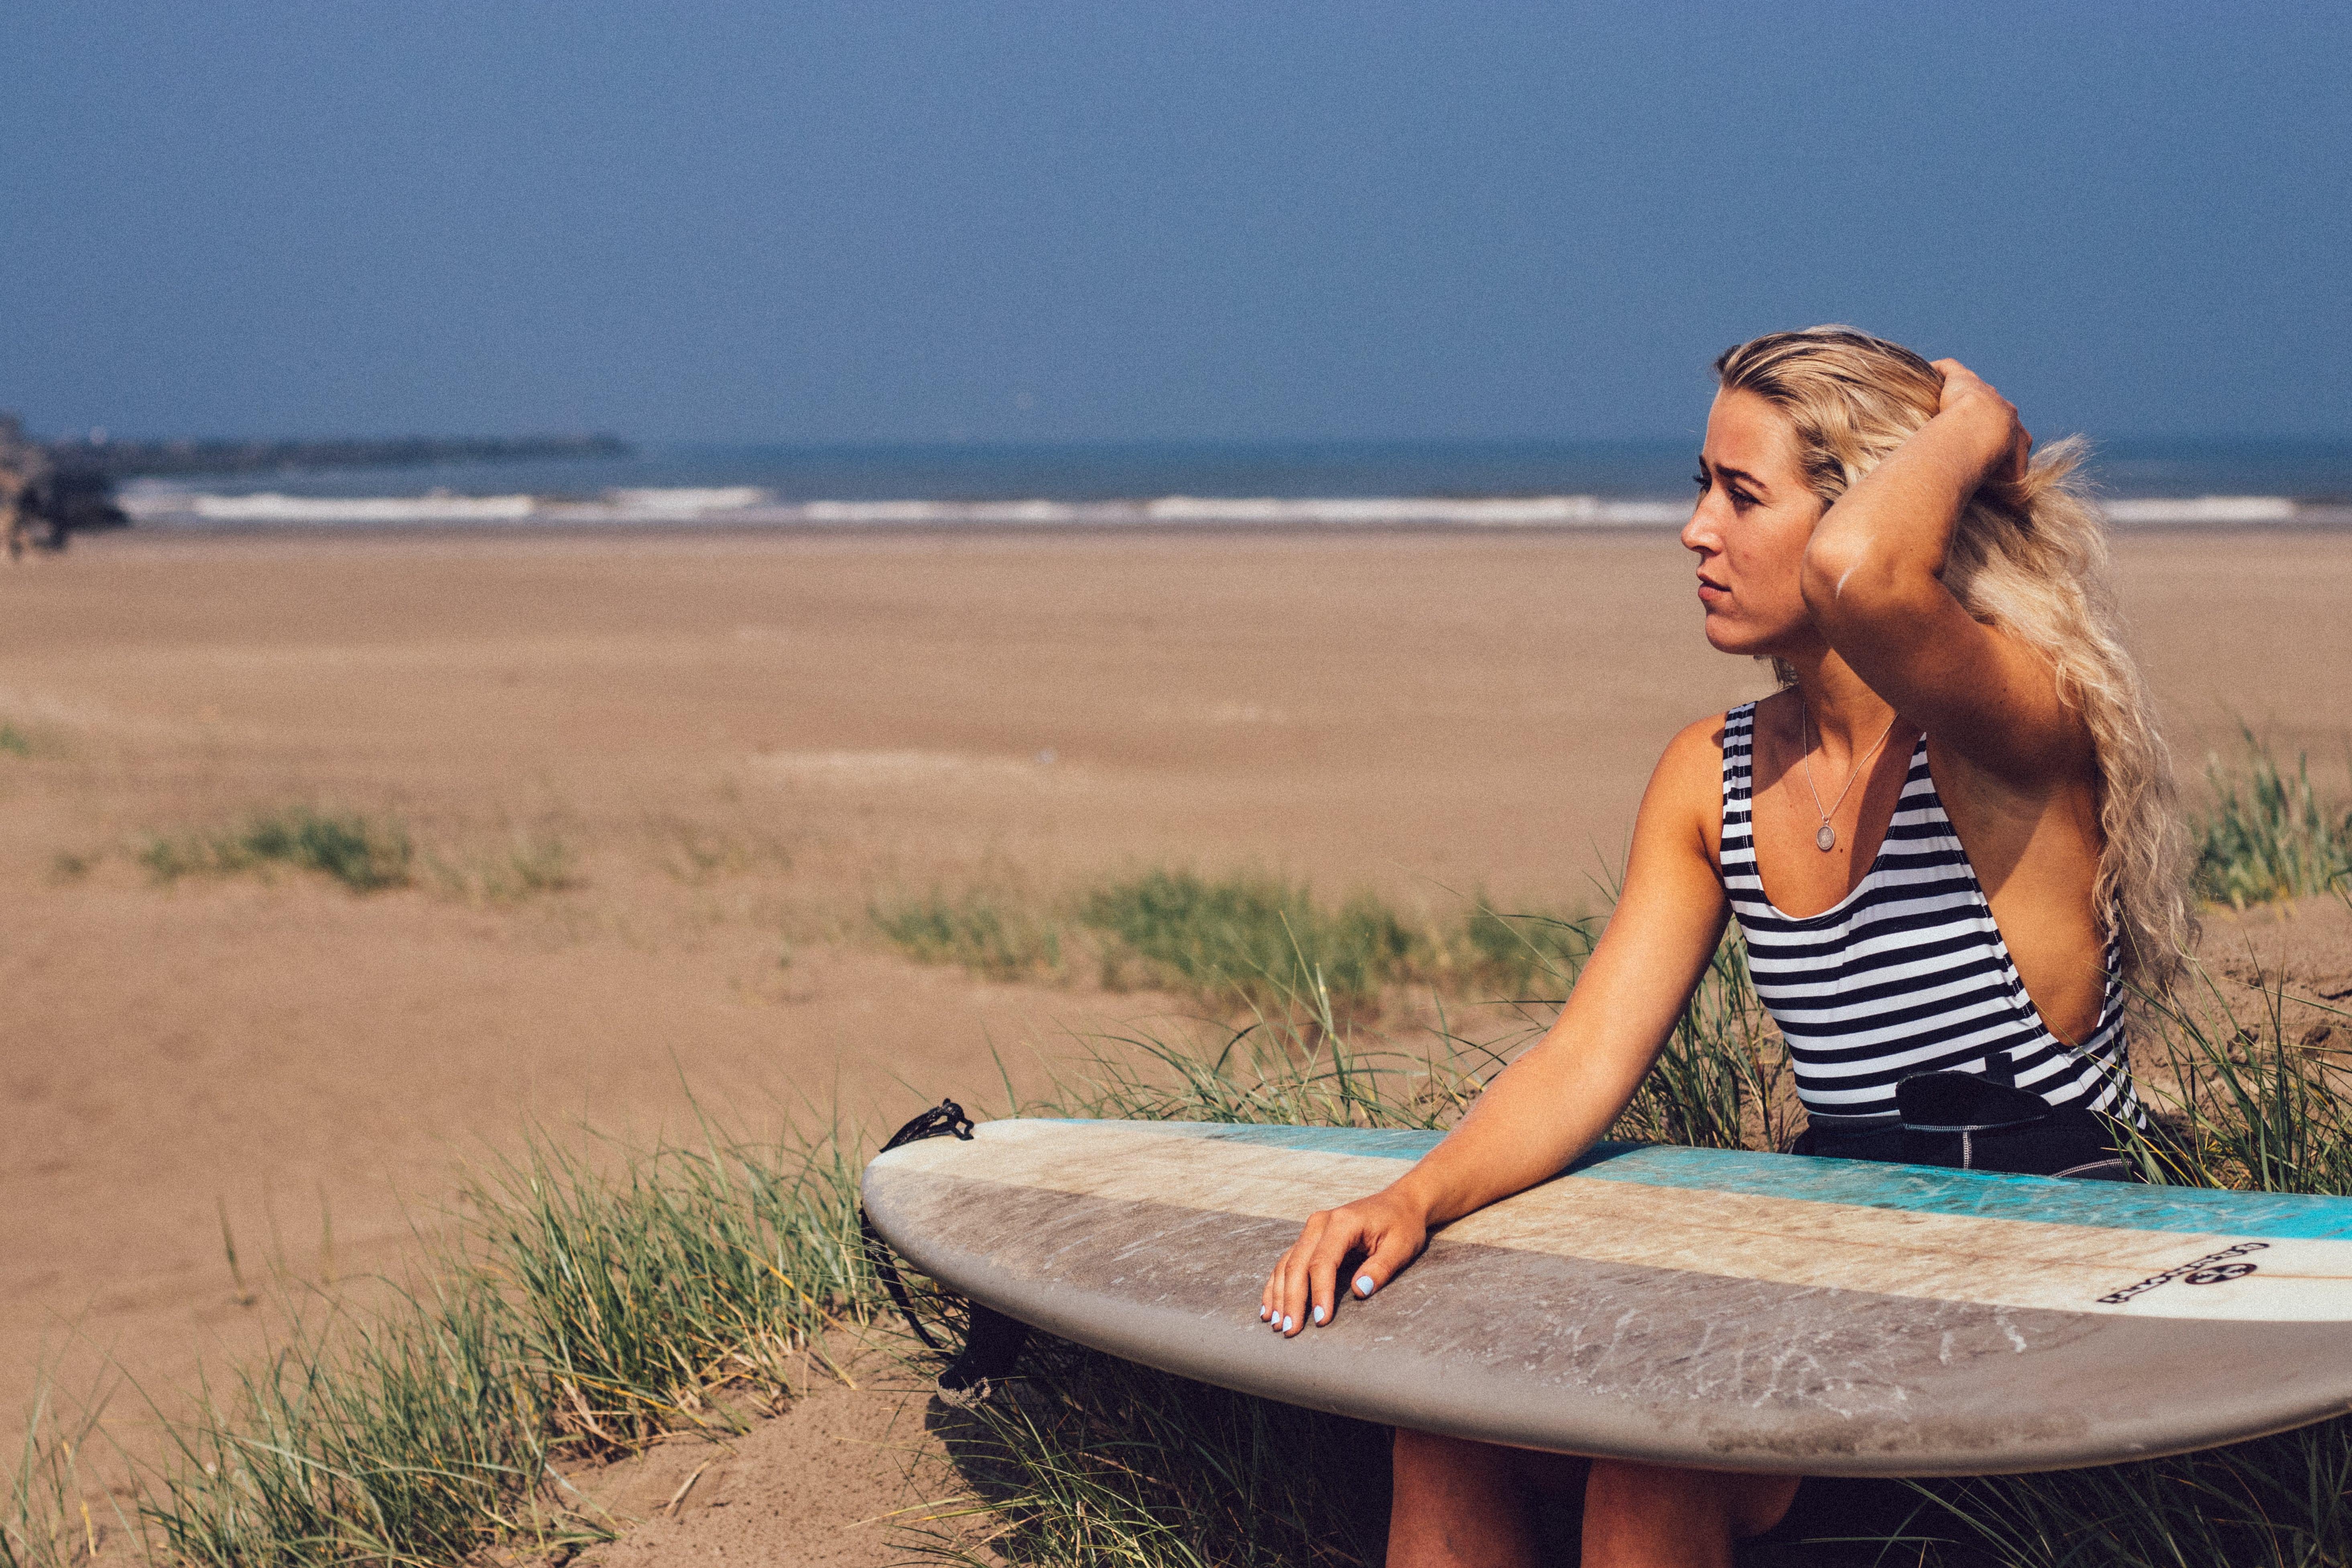 Frau sitze am Strand mit Surfbord in der Hand